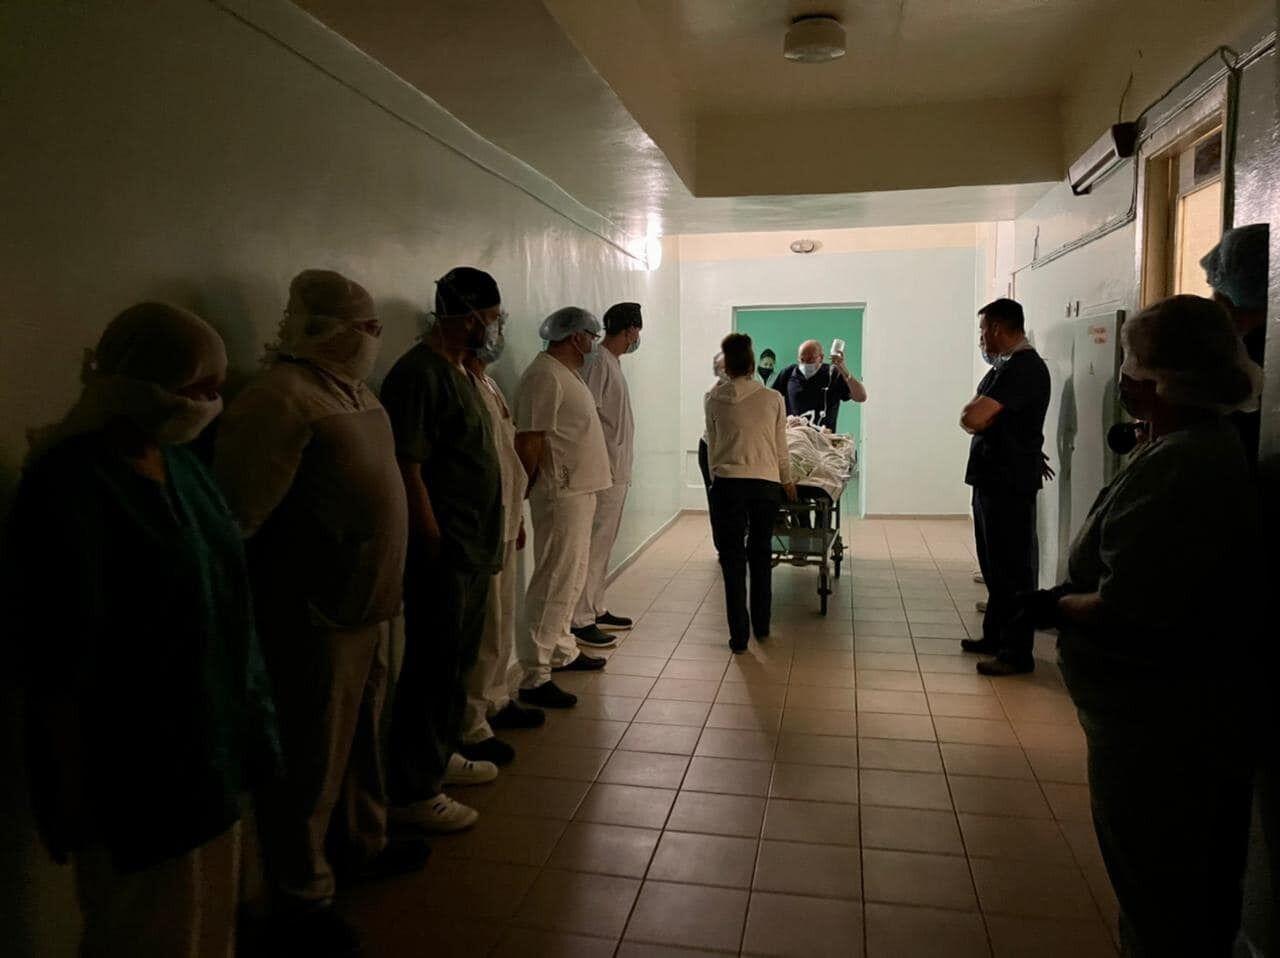 Проводы донора, которая уходя подарила жизнь трём украинцам в 5 городской больнице Запорожья